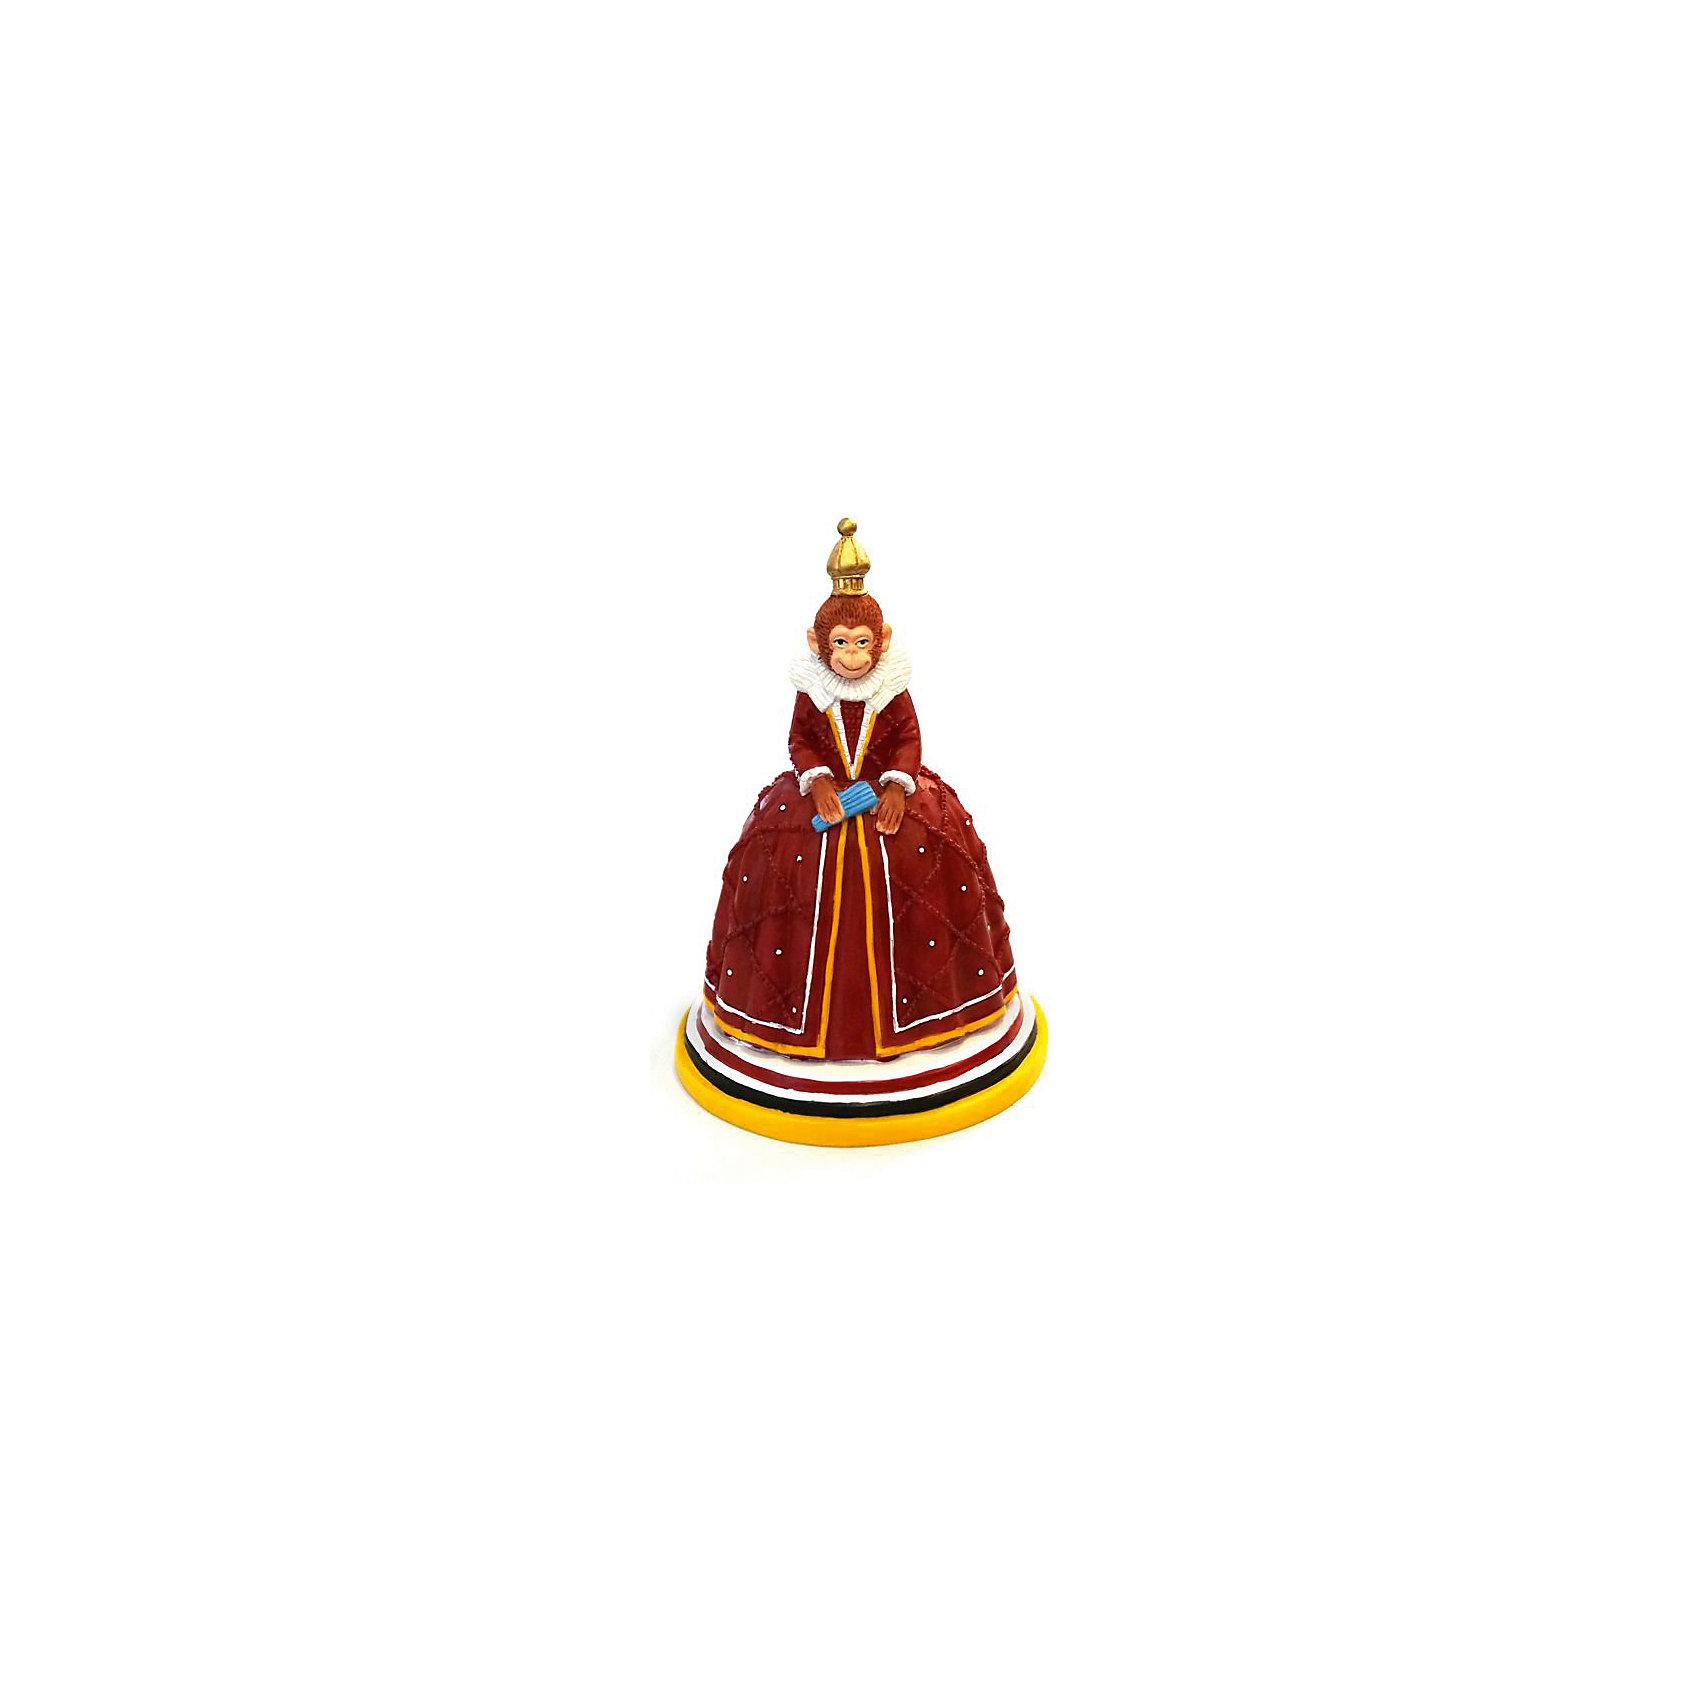 Декоративная обезьяна КоролеваНовинки Новый Год<br>Декоративная обезьянка Королева, Феникс-Презент, прекрасно дополнит Ваш новогодний интерьер и станет приятным сувениром для родных и друзей. Очаровательная обезьянка представлена в образе королевы в пышном платье с белым воротником и короной на голове. Обезьяна является символом Нового 2016 года, забавная фигурка принесет Вам радость и удачу и поднимет настроение.  <br><br>Дополнительная информация:<br><br>- Материал: полирезина. <br>- Размер фигурки: 8 х 8 х 12 см.<br><br>Декоративную обезьянку Королева, Феникс-Презент, можно купить в нашем интернет-магазине.<br><br>Ширина мм: 90<br>Глубина мм: 90<br>Высота мм: 130<br>Вес г: 100<br>Возраст от месяцев: 36<br>Возраст до месяцев: 2147483647<br>Пол: Унисекс<br>Возраст: Детский<br>SKU: 4276517